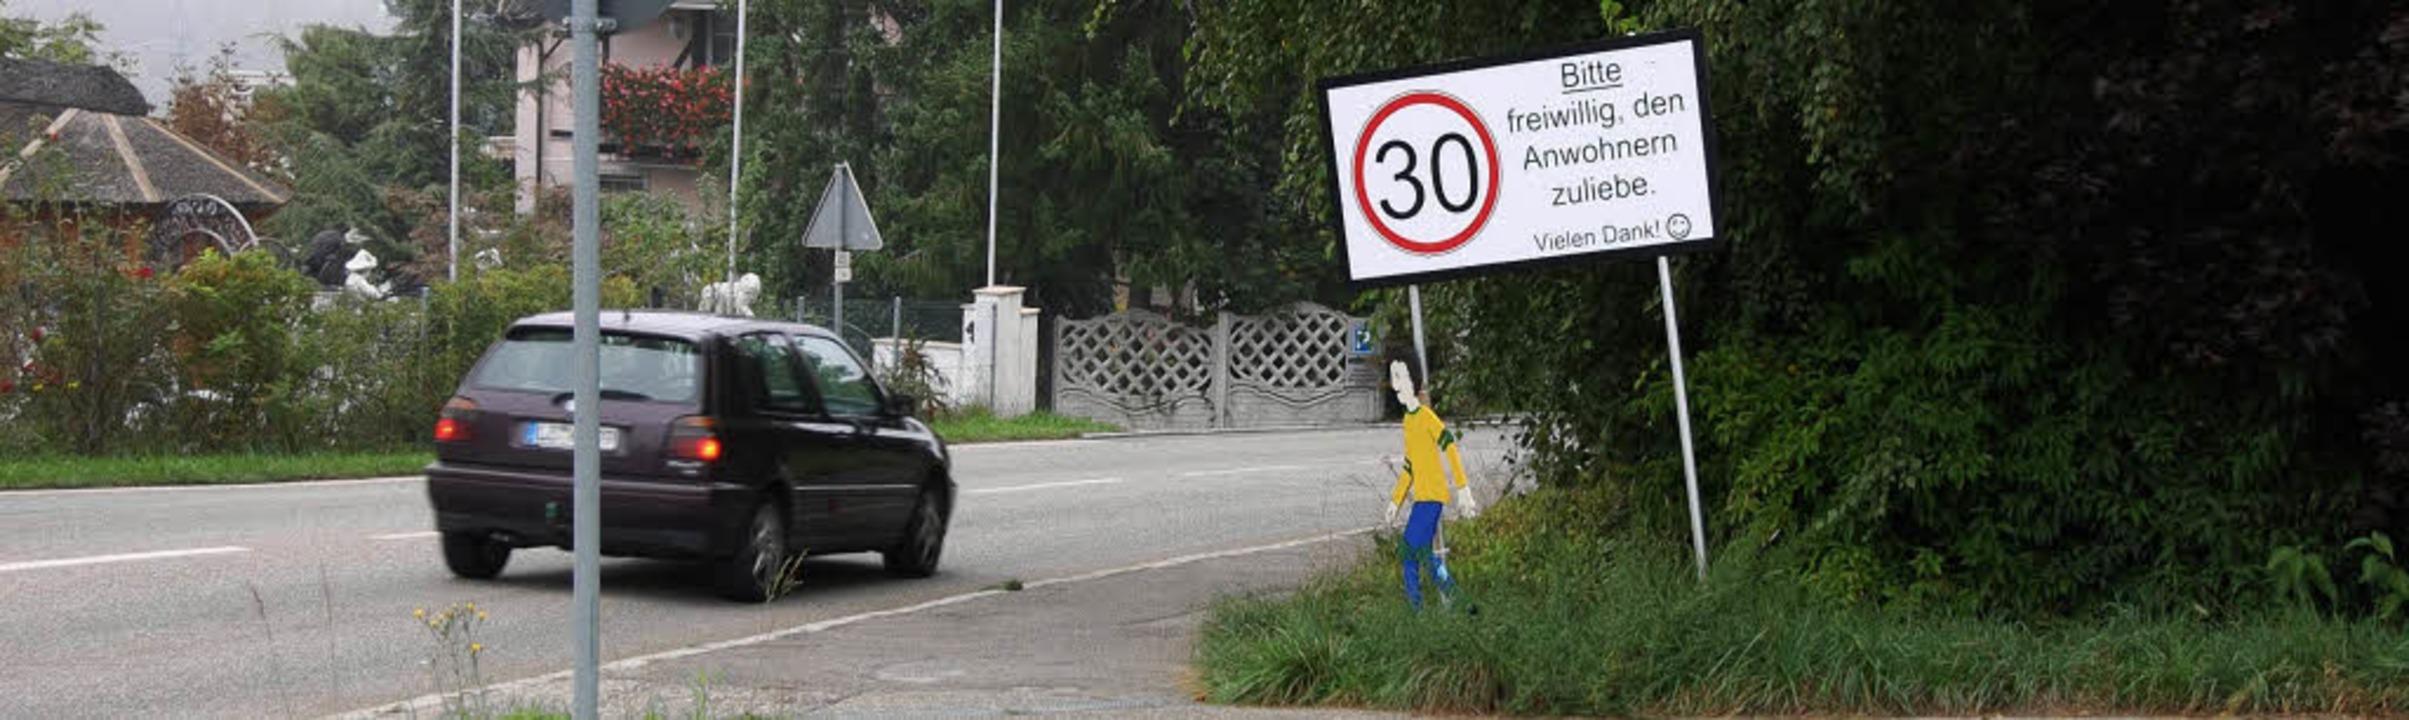 Noch müssen die Anwohner auf das freiw...Entgegenkommen der Autofahrer setzen.   | Foto: Frey